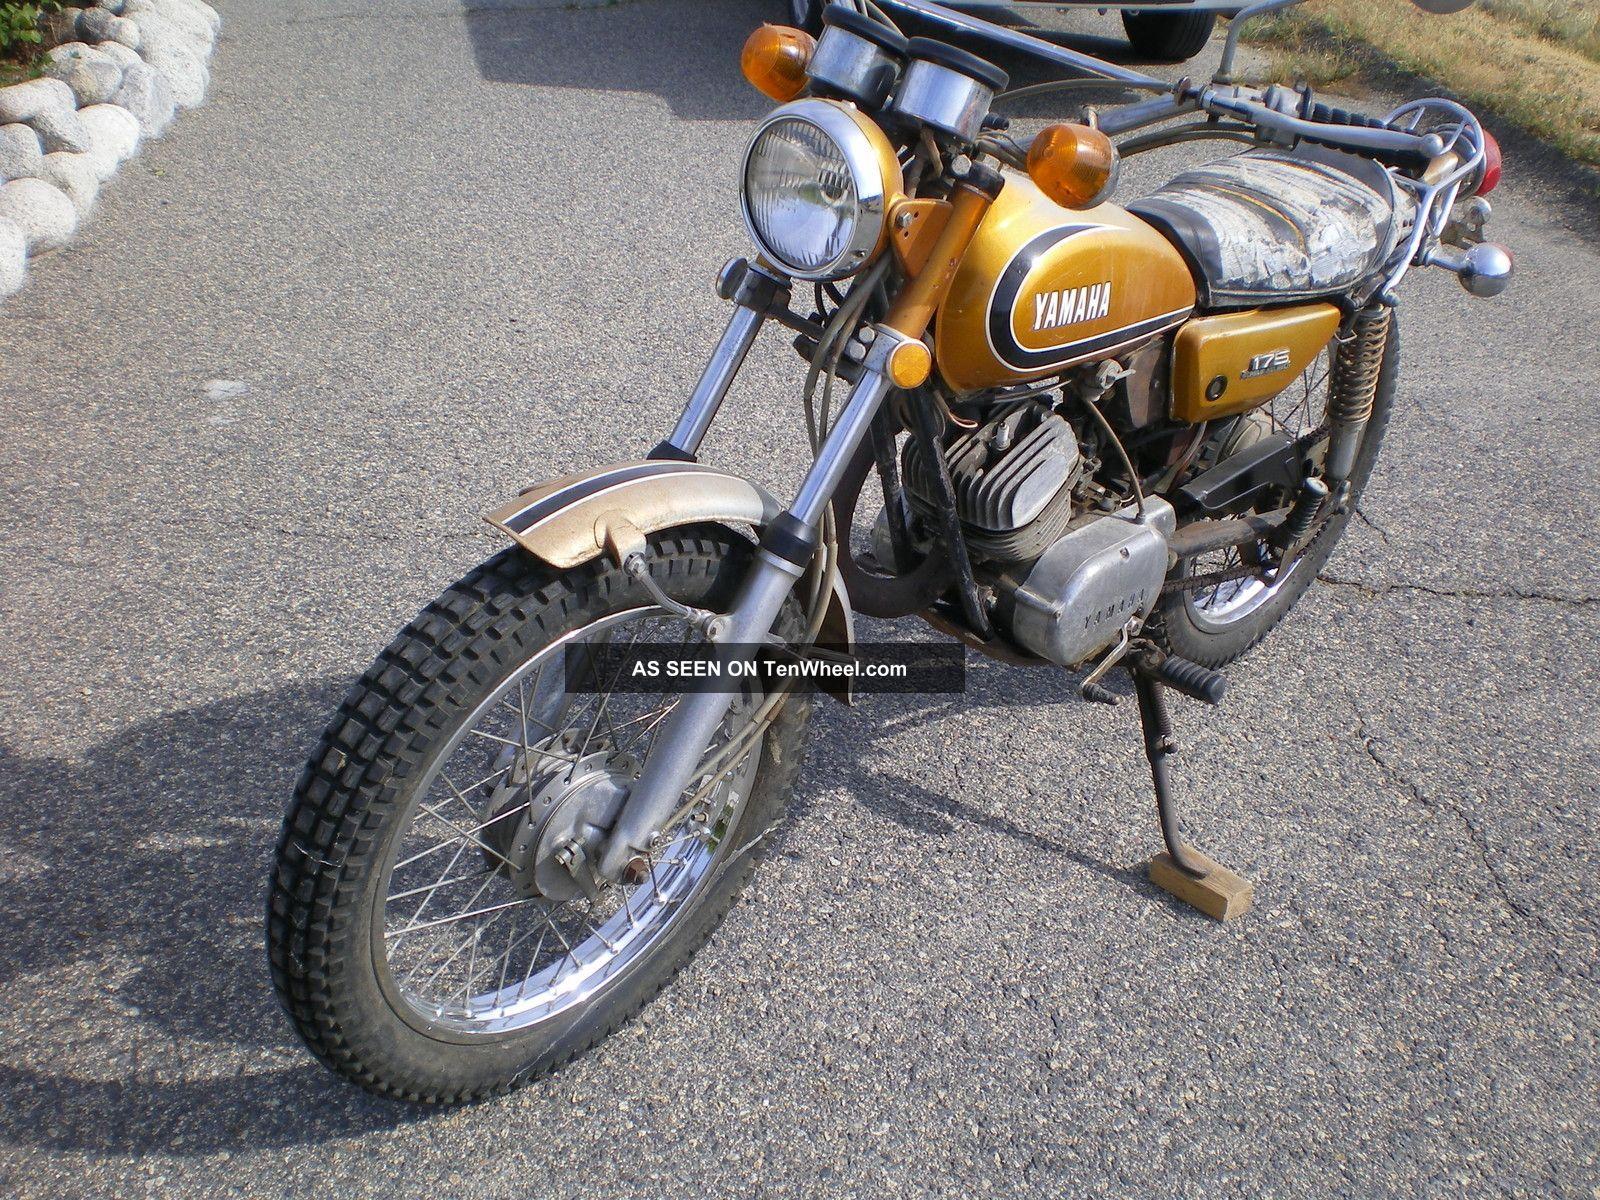 Wiring a 1973 yamaha 80 enduro 1973 yamaha motorcycle for 1973 yamaha yz80